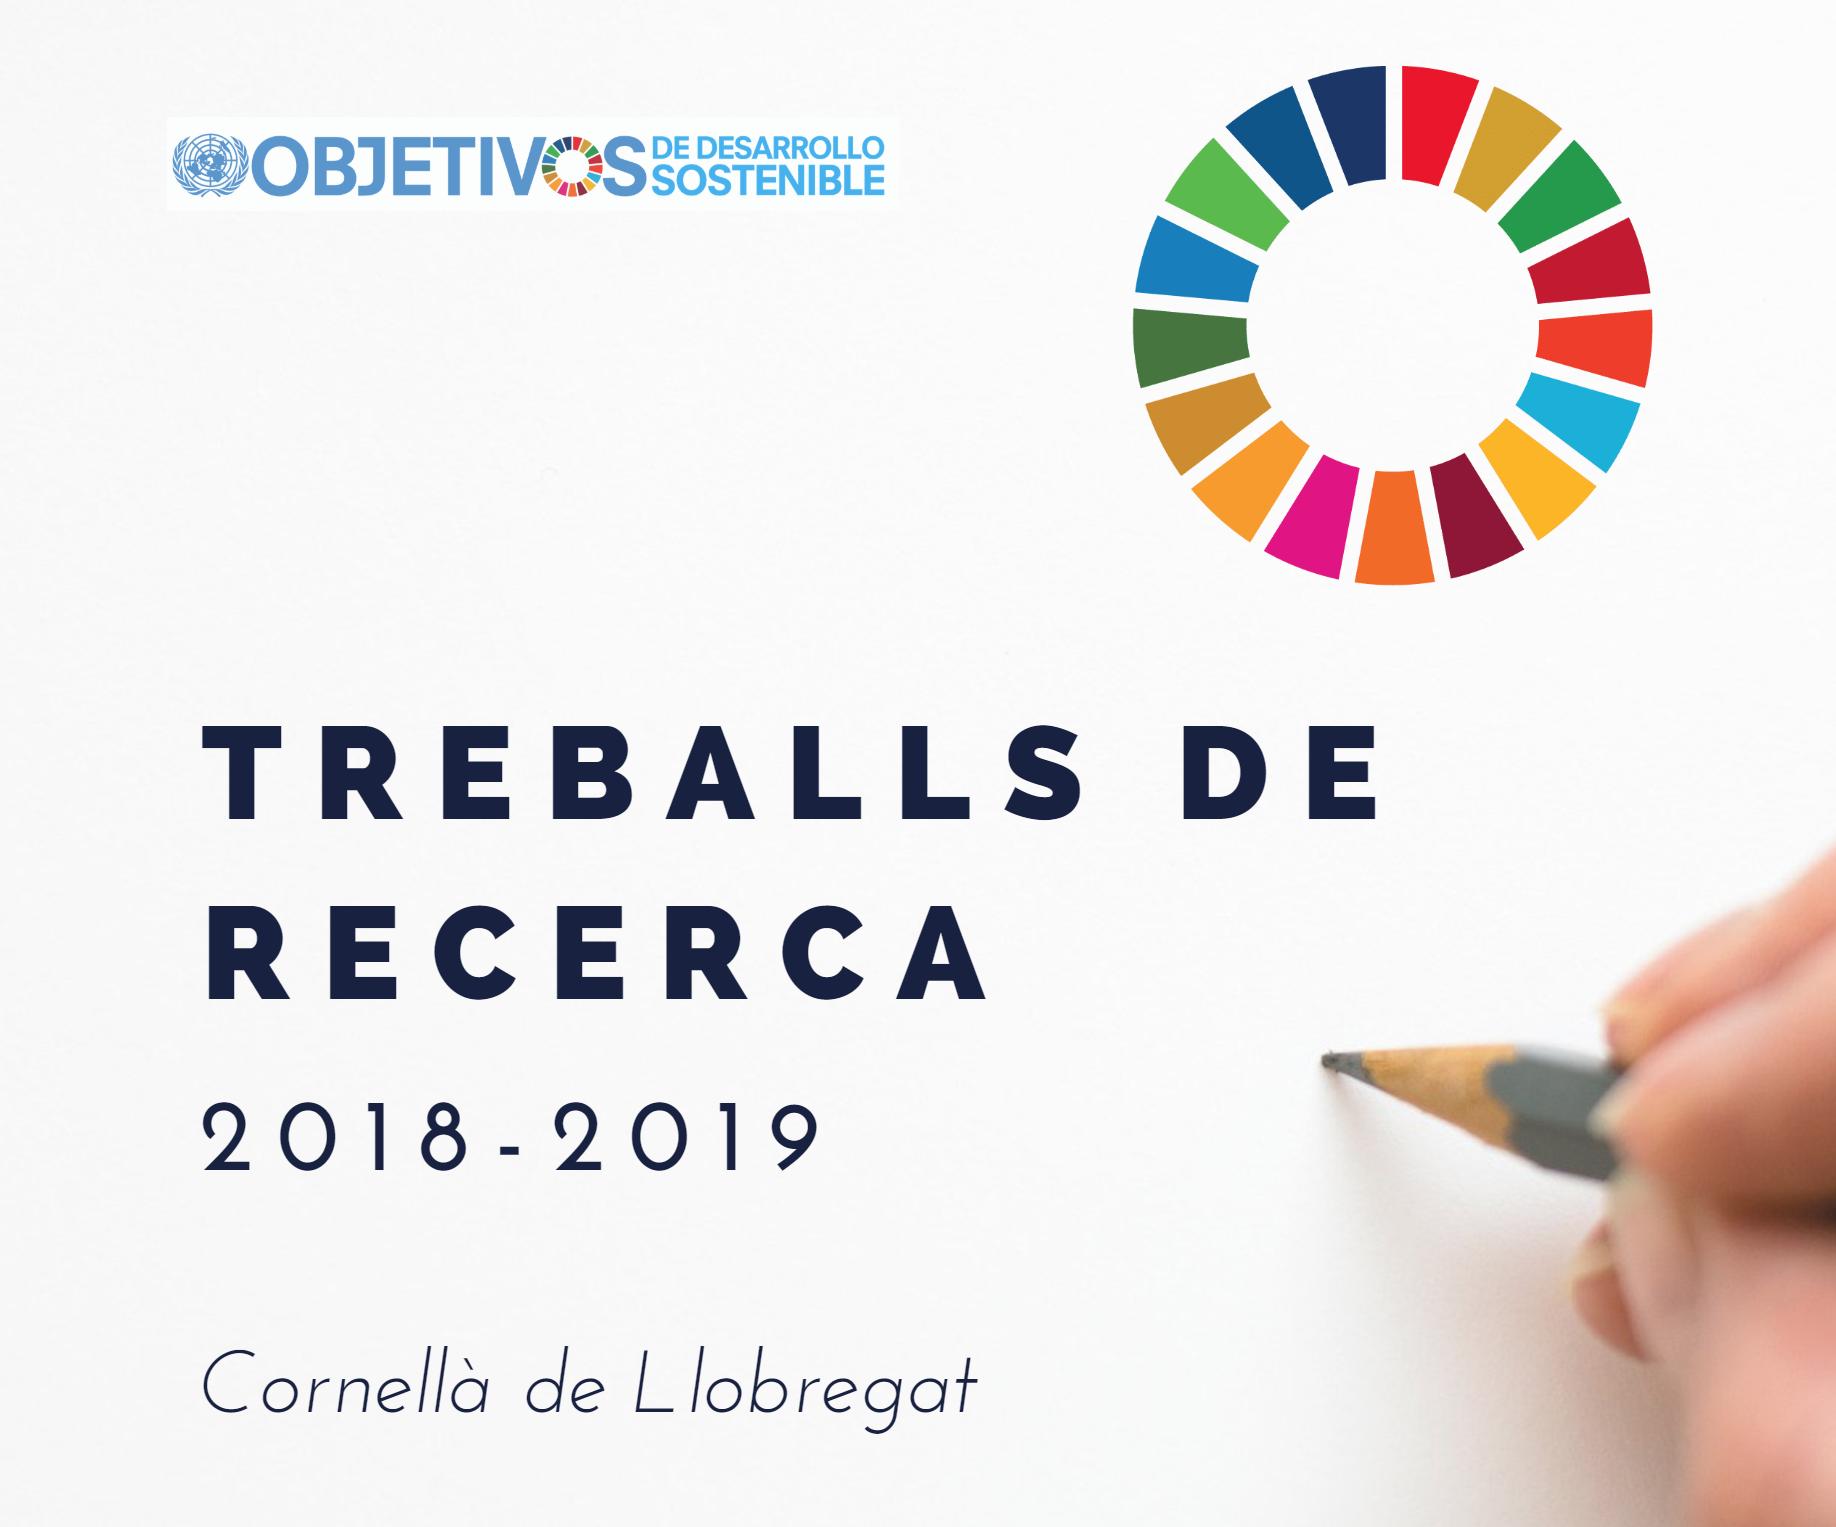 Treballs Recerca Cornellà 2018-2019